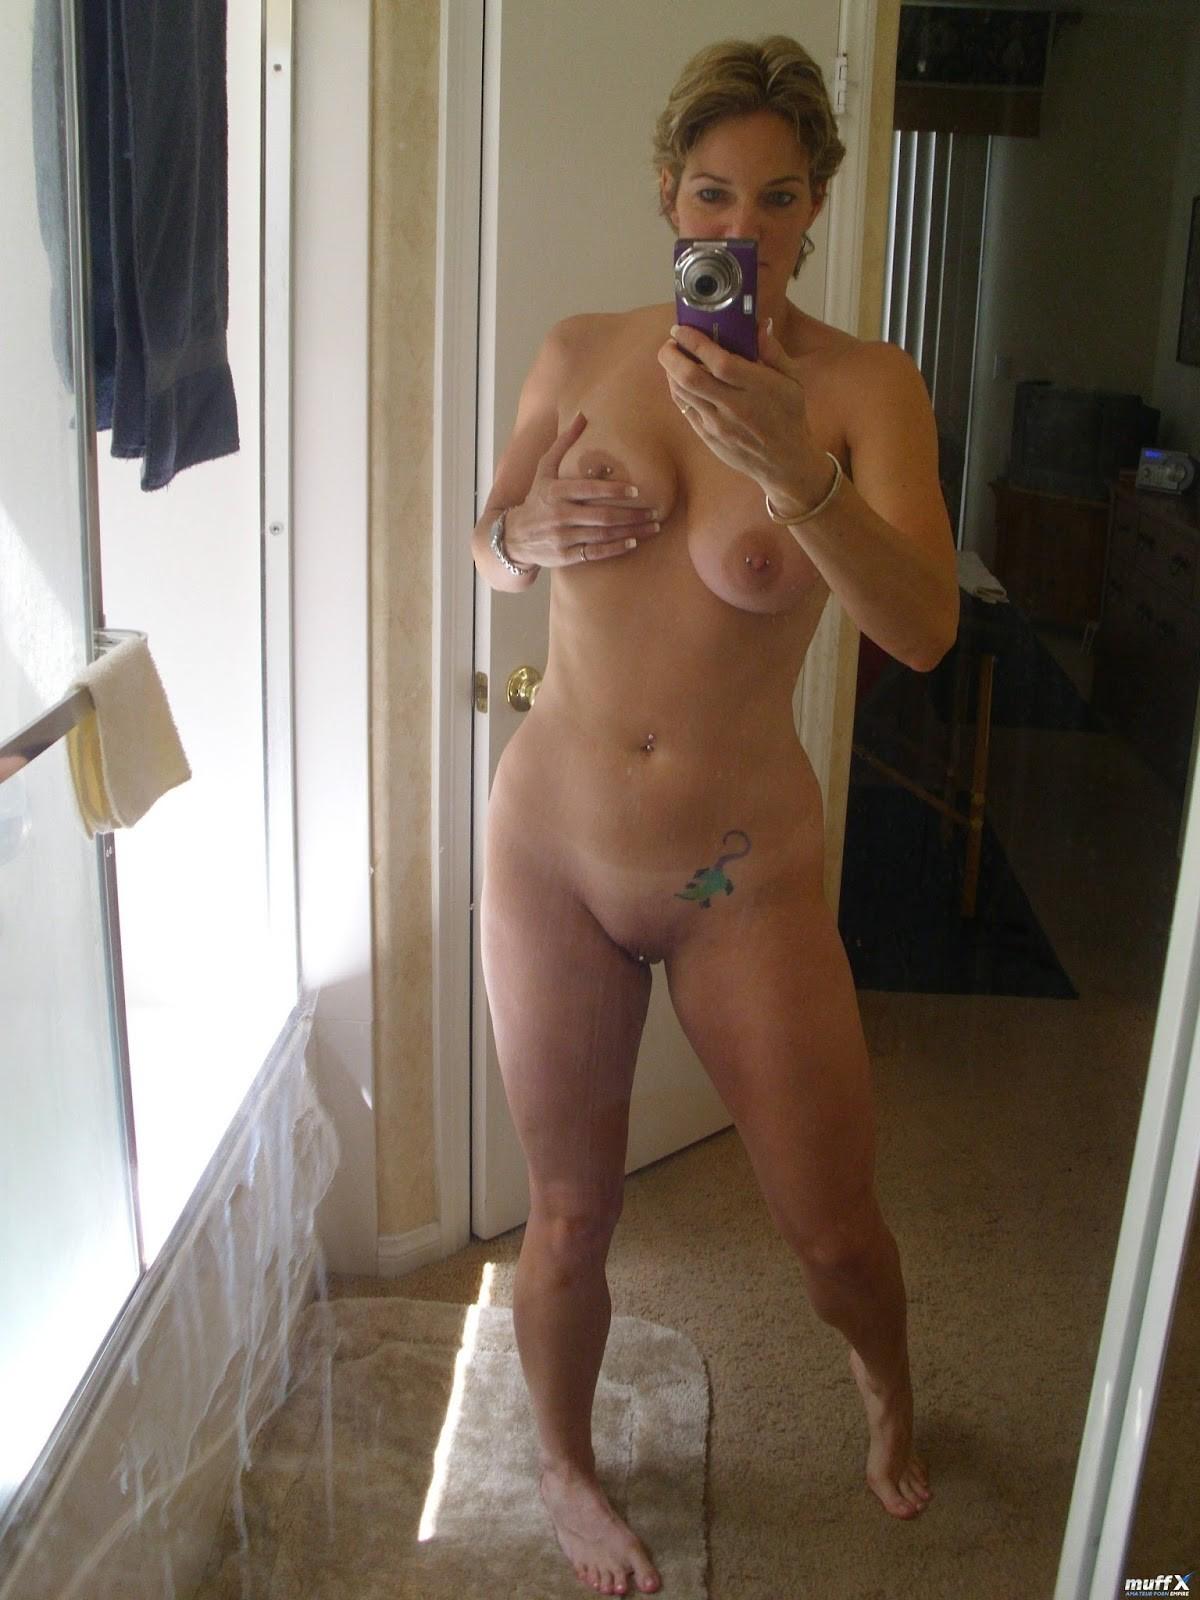 mommy-nude-selfie-safe-sex-hotline